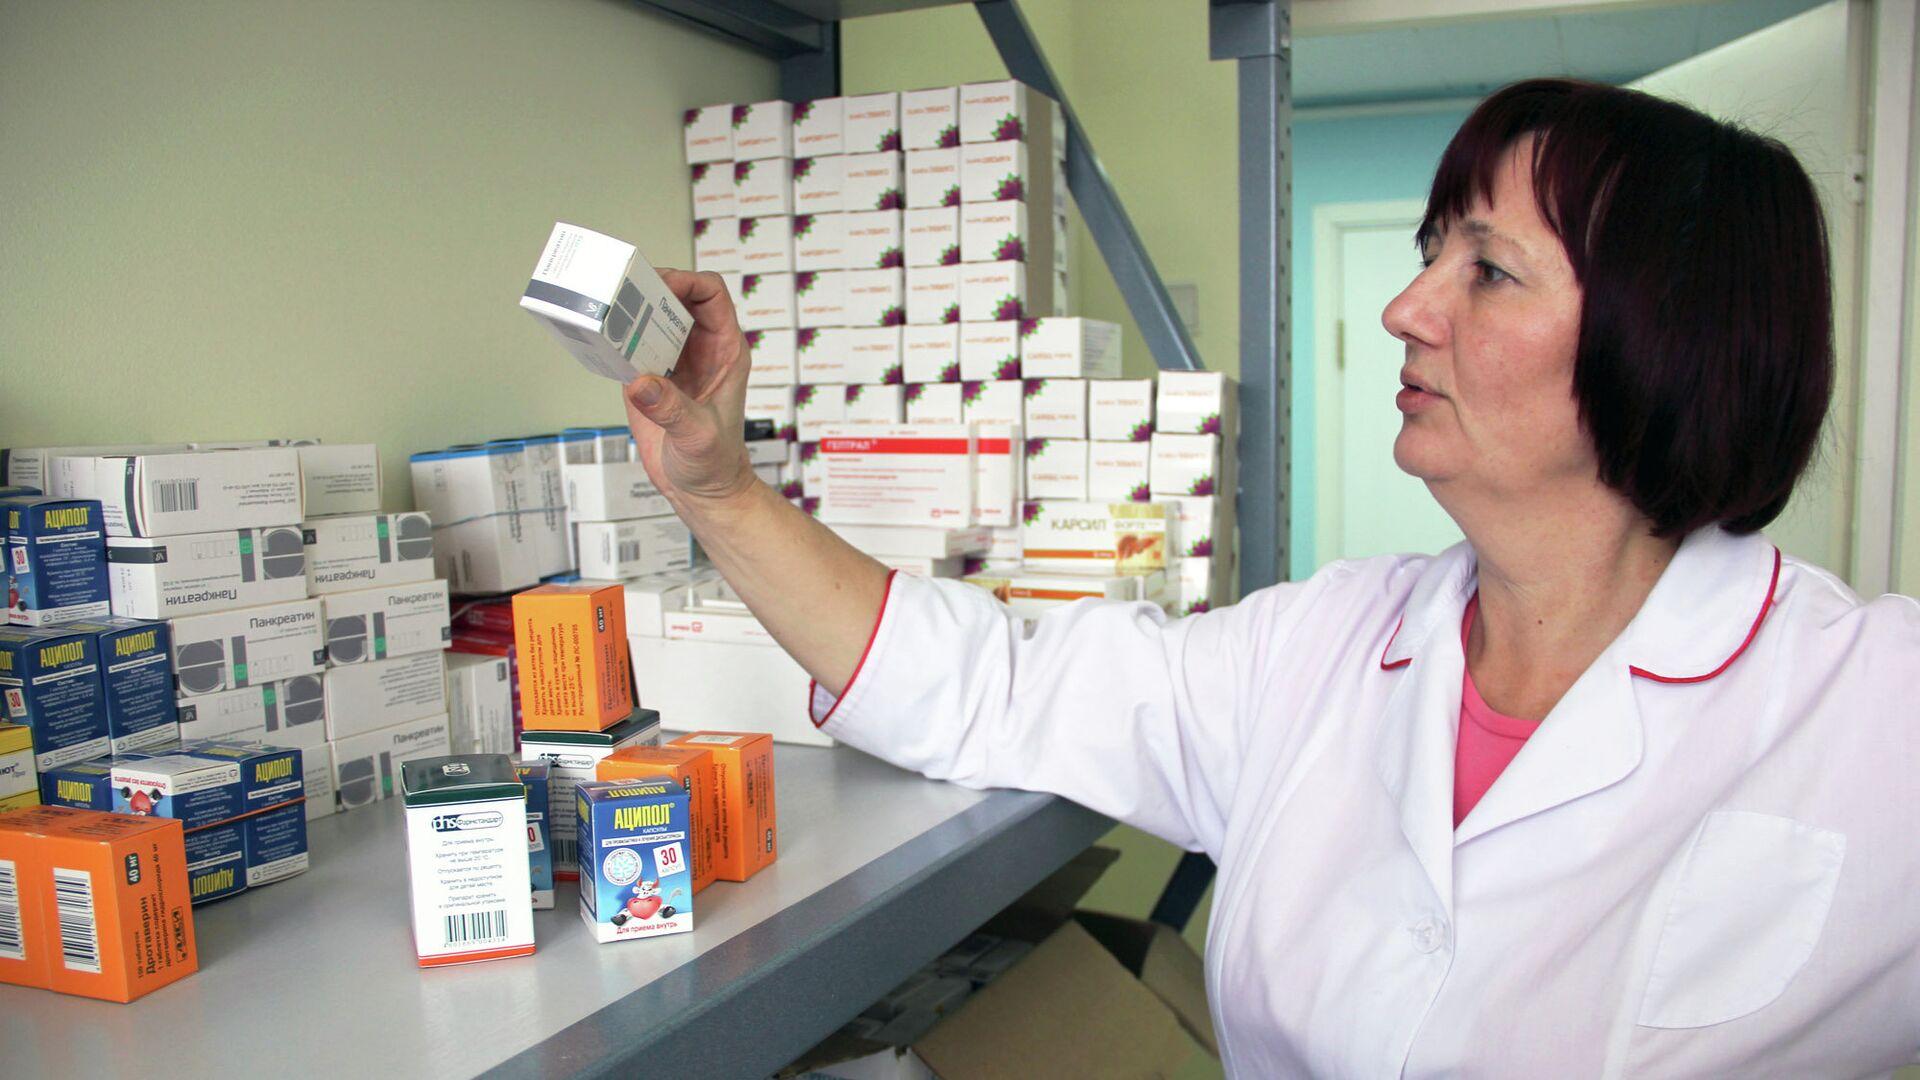 Сотрудница томского центра Анти-СПИД разбирает лекарства для ВИЧ-положительных людей - РИА Новости, 1920, 01.12.2020